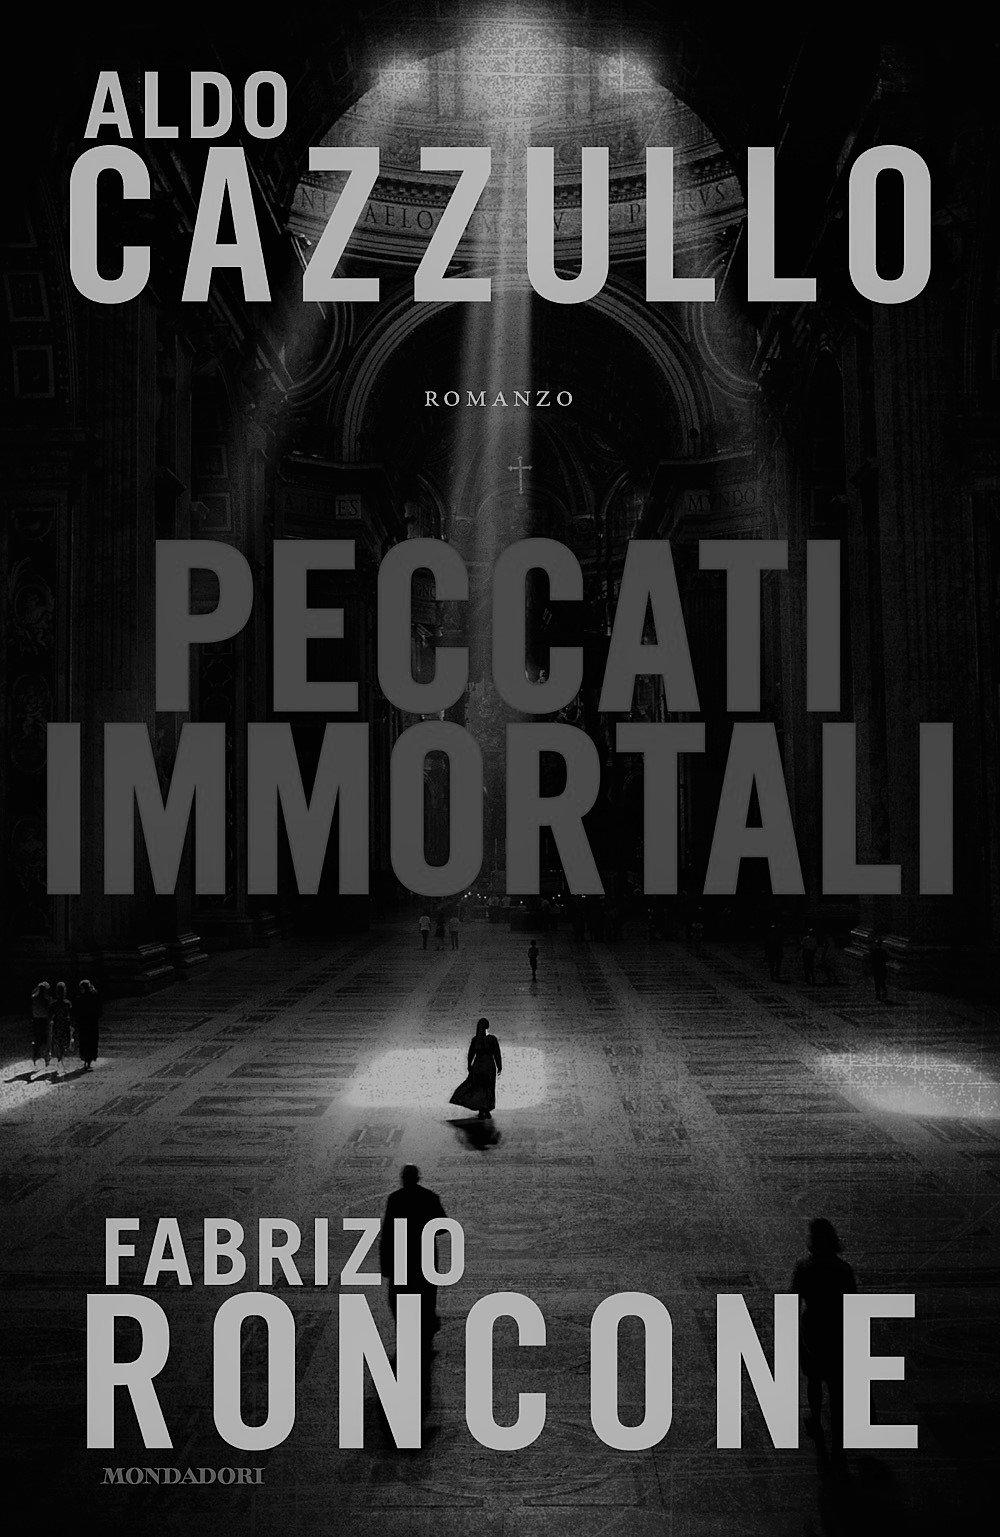 Peccati immortali